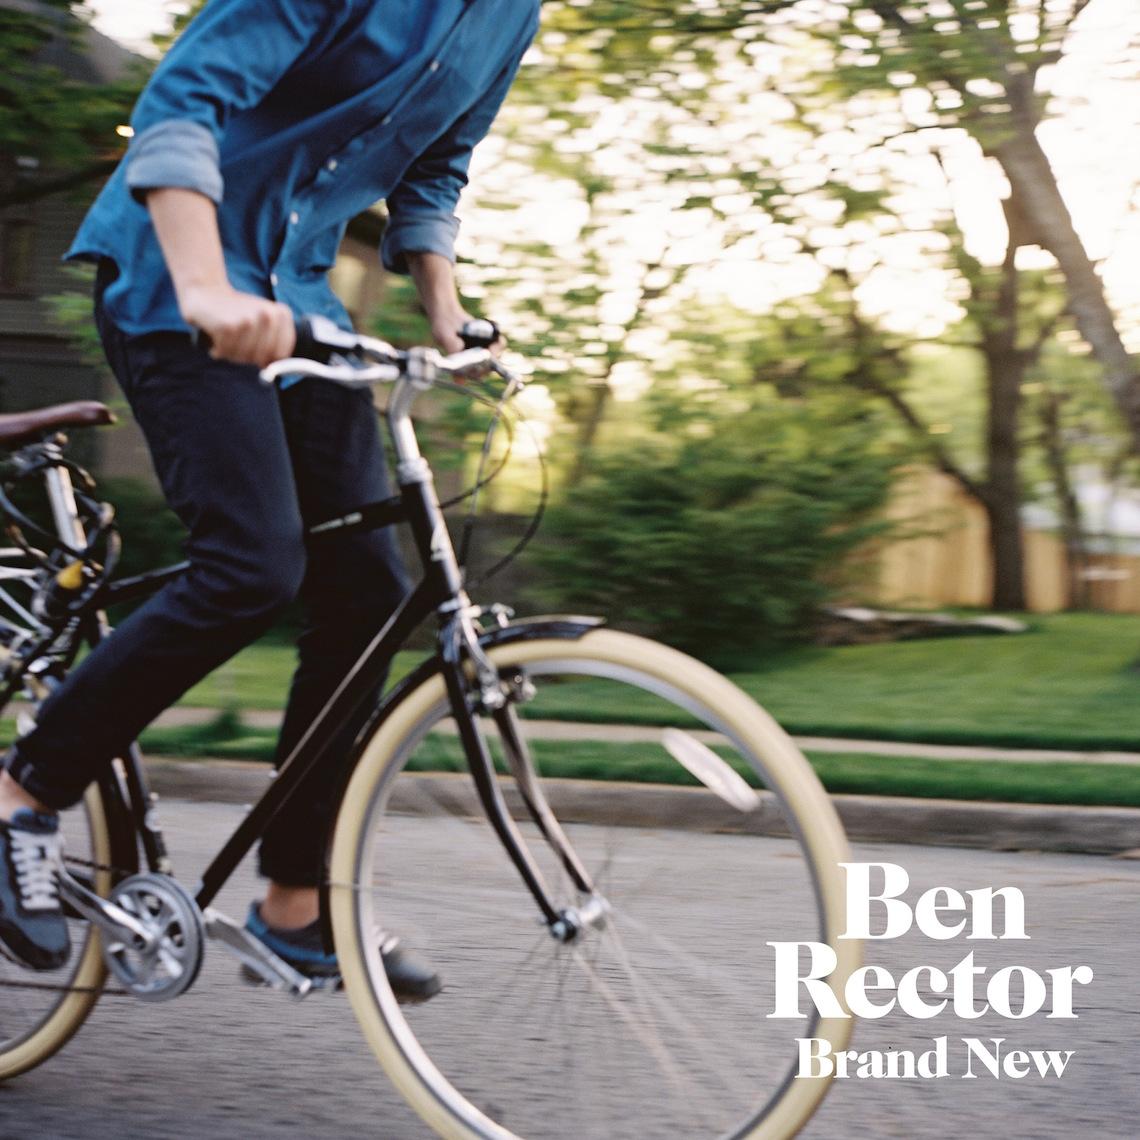 Ben Rector's Brand New